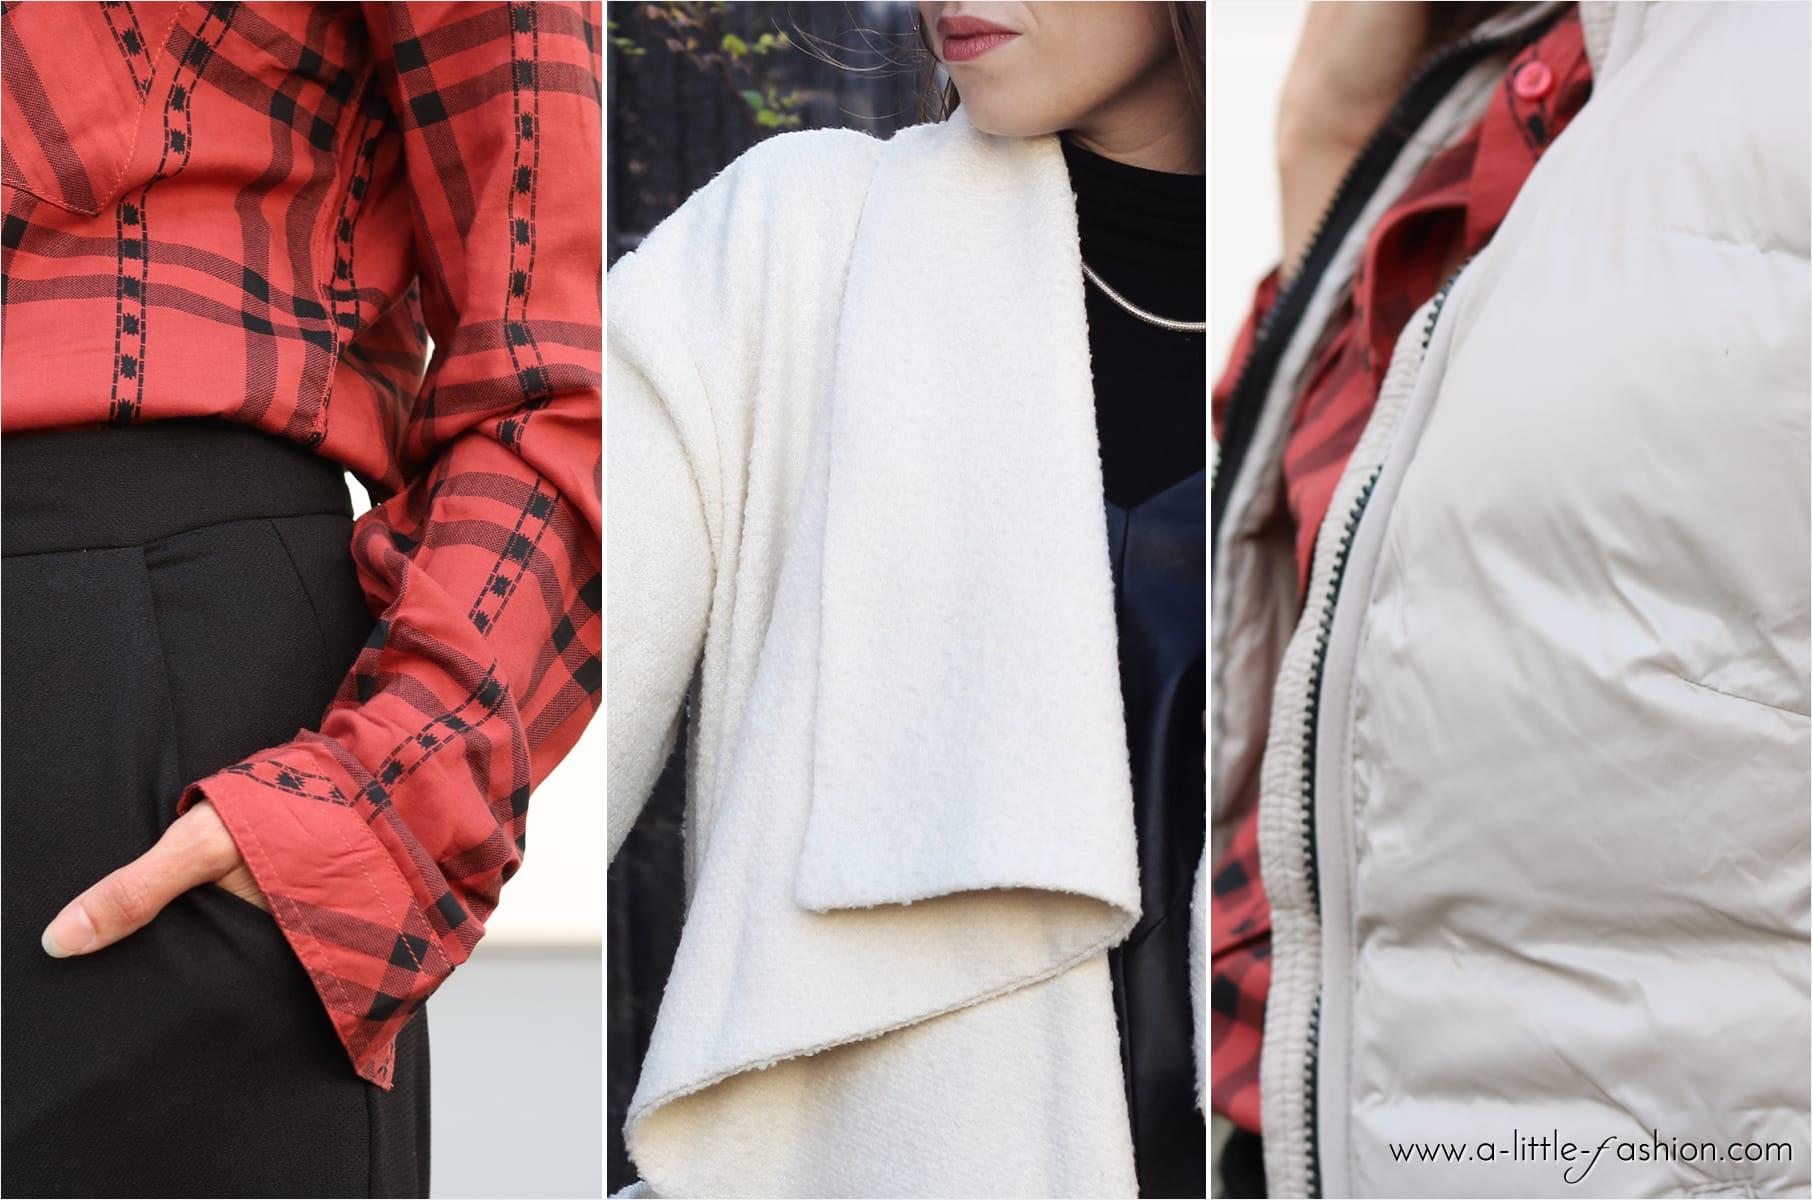 Herbst-Trends 2016 | Samt, Strick, Rot, Karo, Daunenjacken u.v.m. | A Litle Fashion